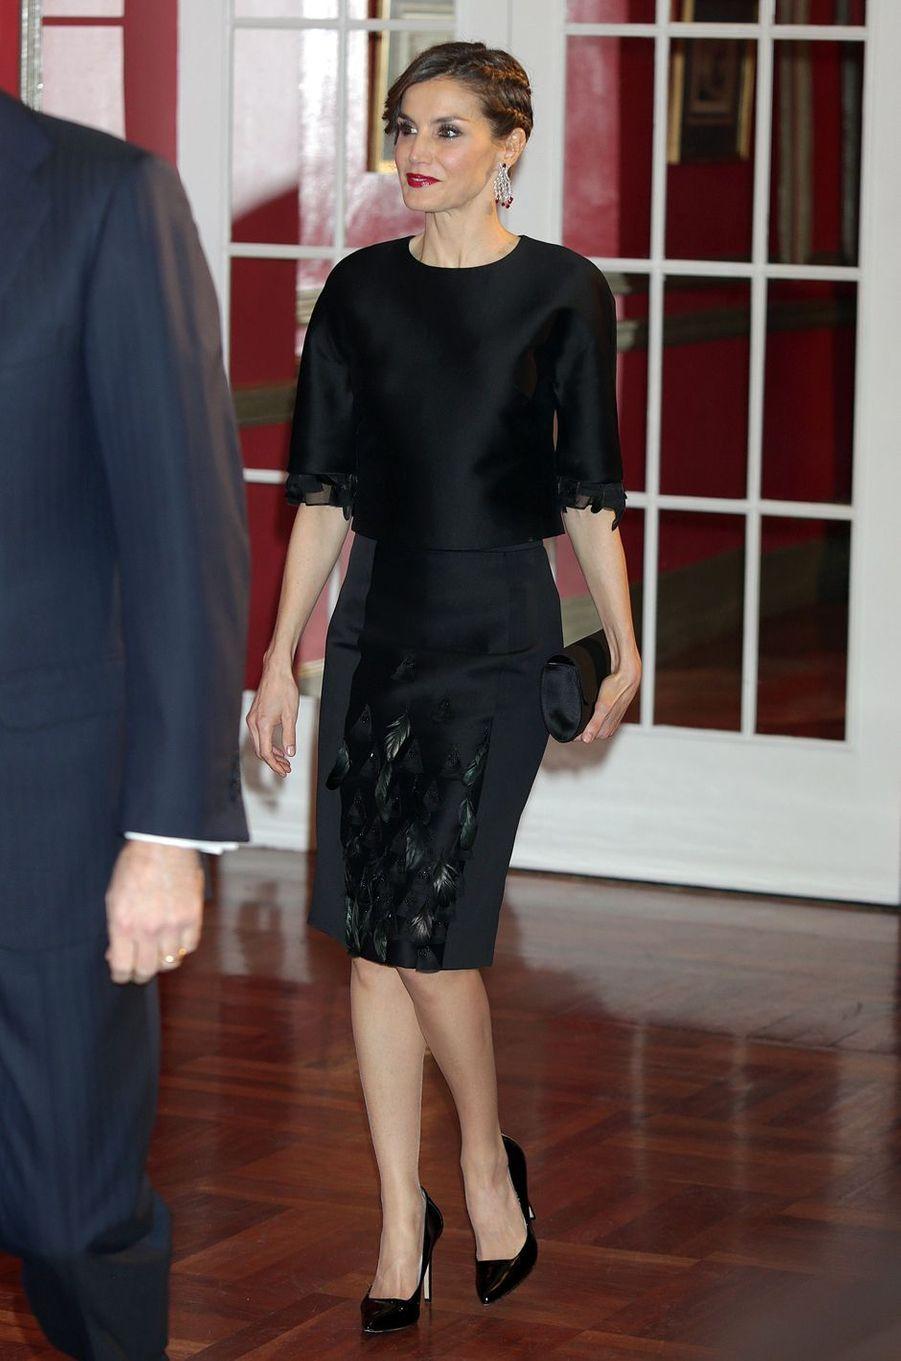 La reine Letizia d'Espagne aux 30 ans du journal Expansion à Madrid, le 7 février 2017